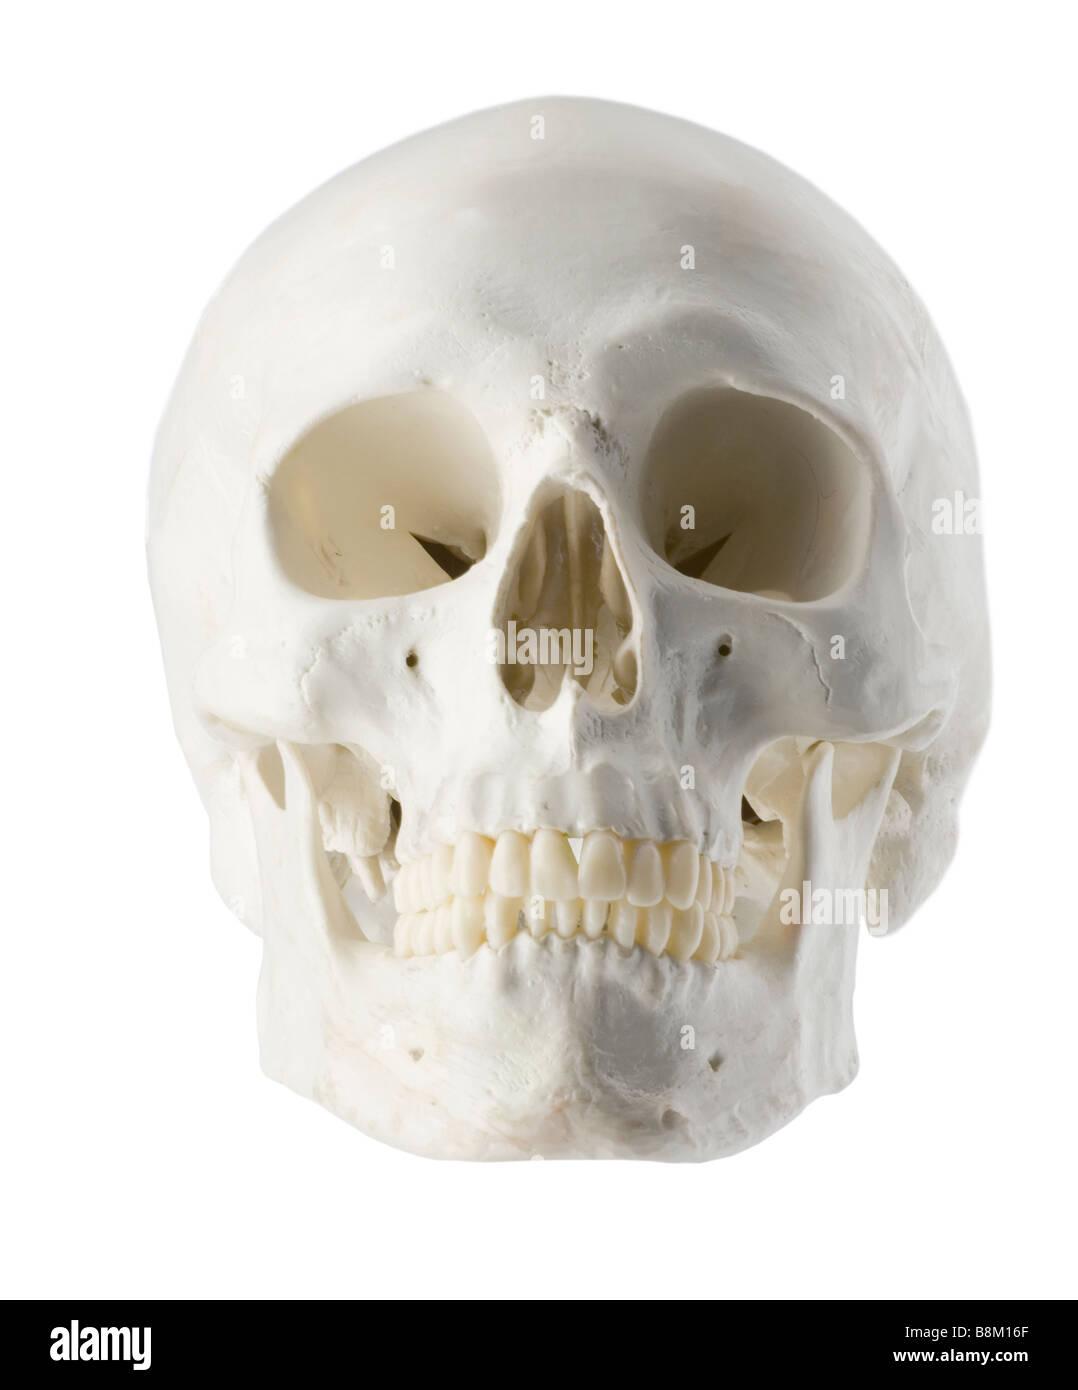 Skull, model, example,specimen,research,specimen,forensic - Stock Image